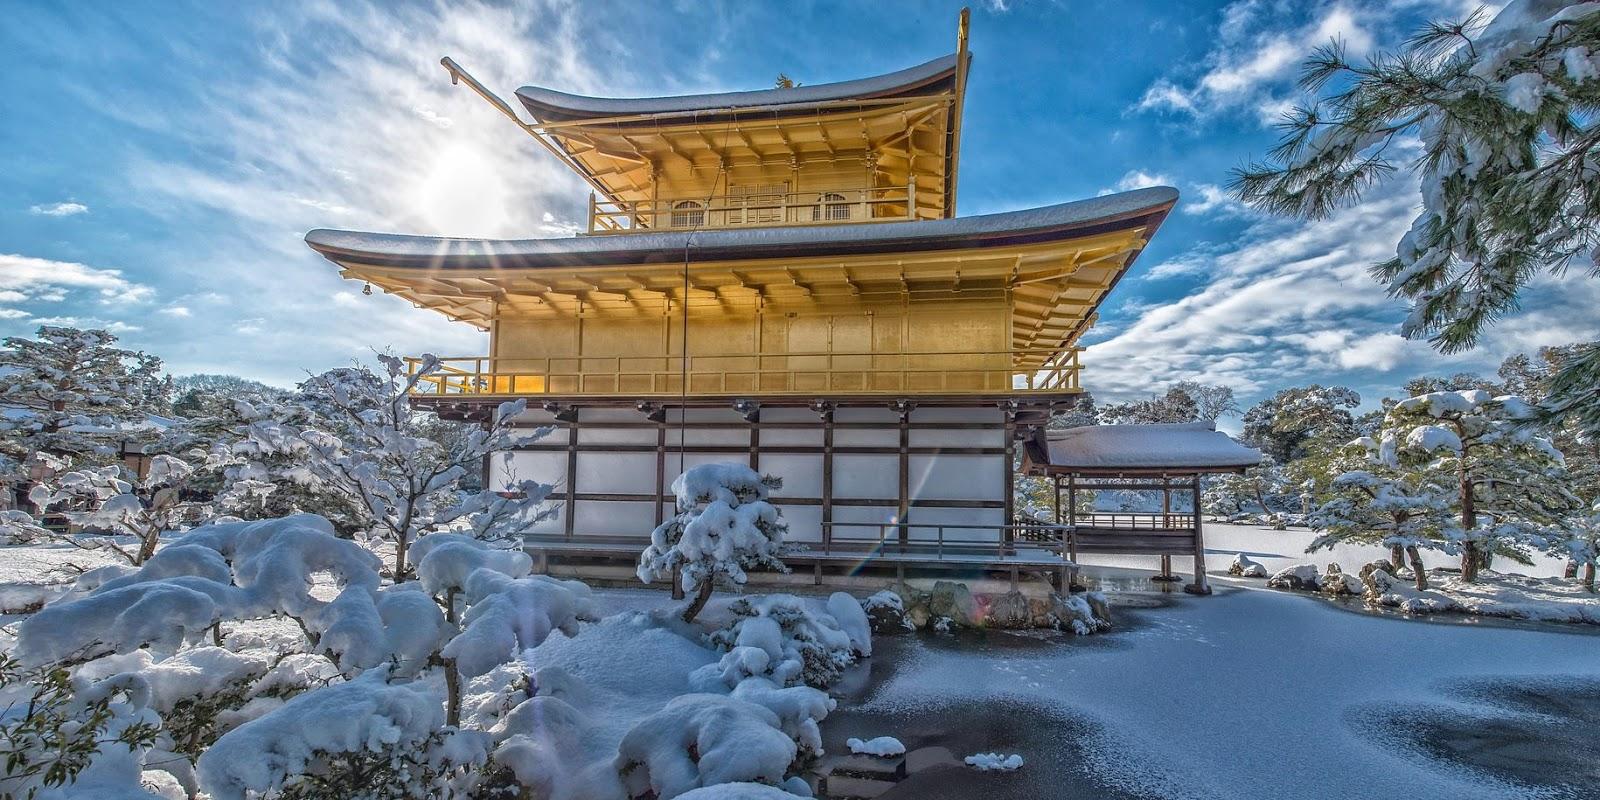 京都-京都景點-推薦-市區-金閣寺-景點地圖-京都觀光-自由行-旅遊-市區-京都必去景點-京都好玩景點-行程-京都必遊景點-行程-日本-Kyoto-Tourist-Attraction